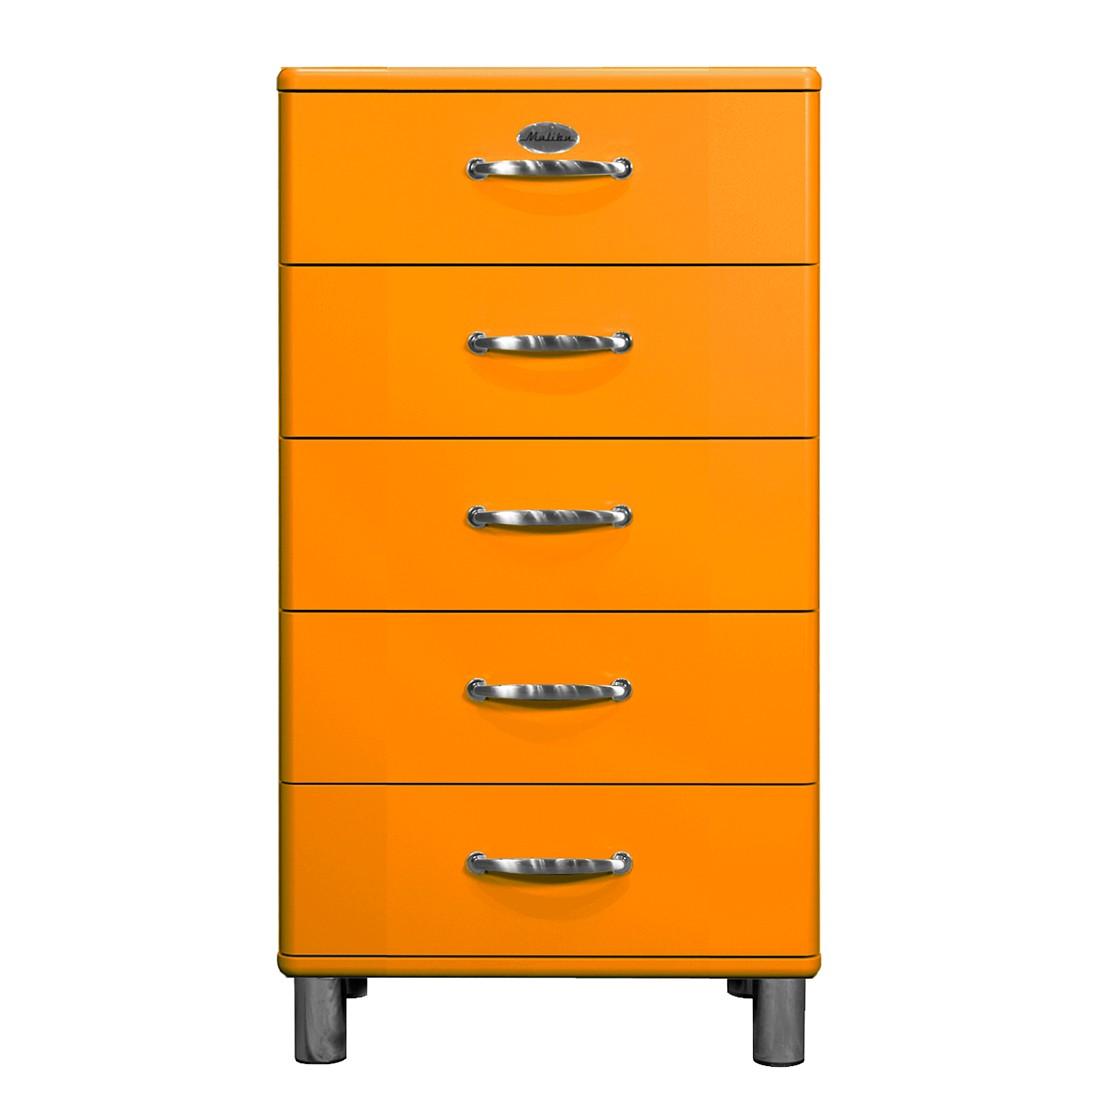 kommode orange gelb carprola for. Black Bedroom Furniture Sets. Home Design Ideas